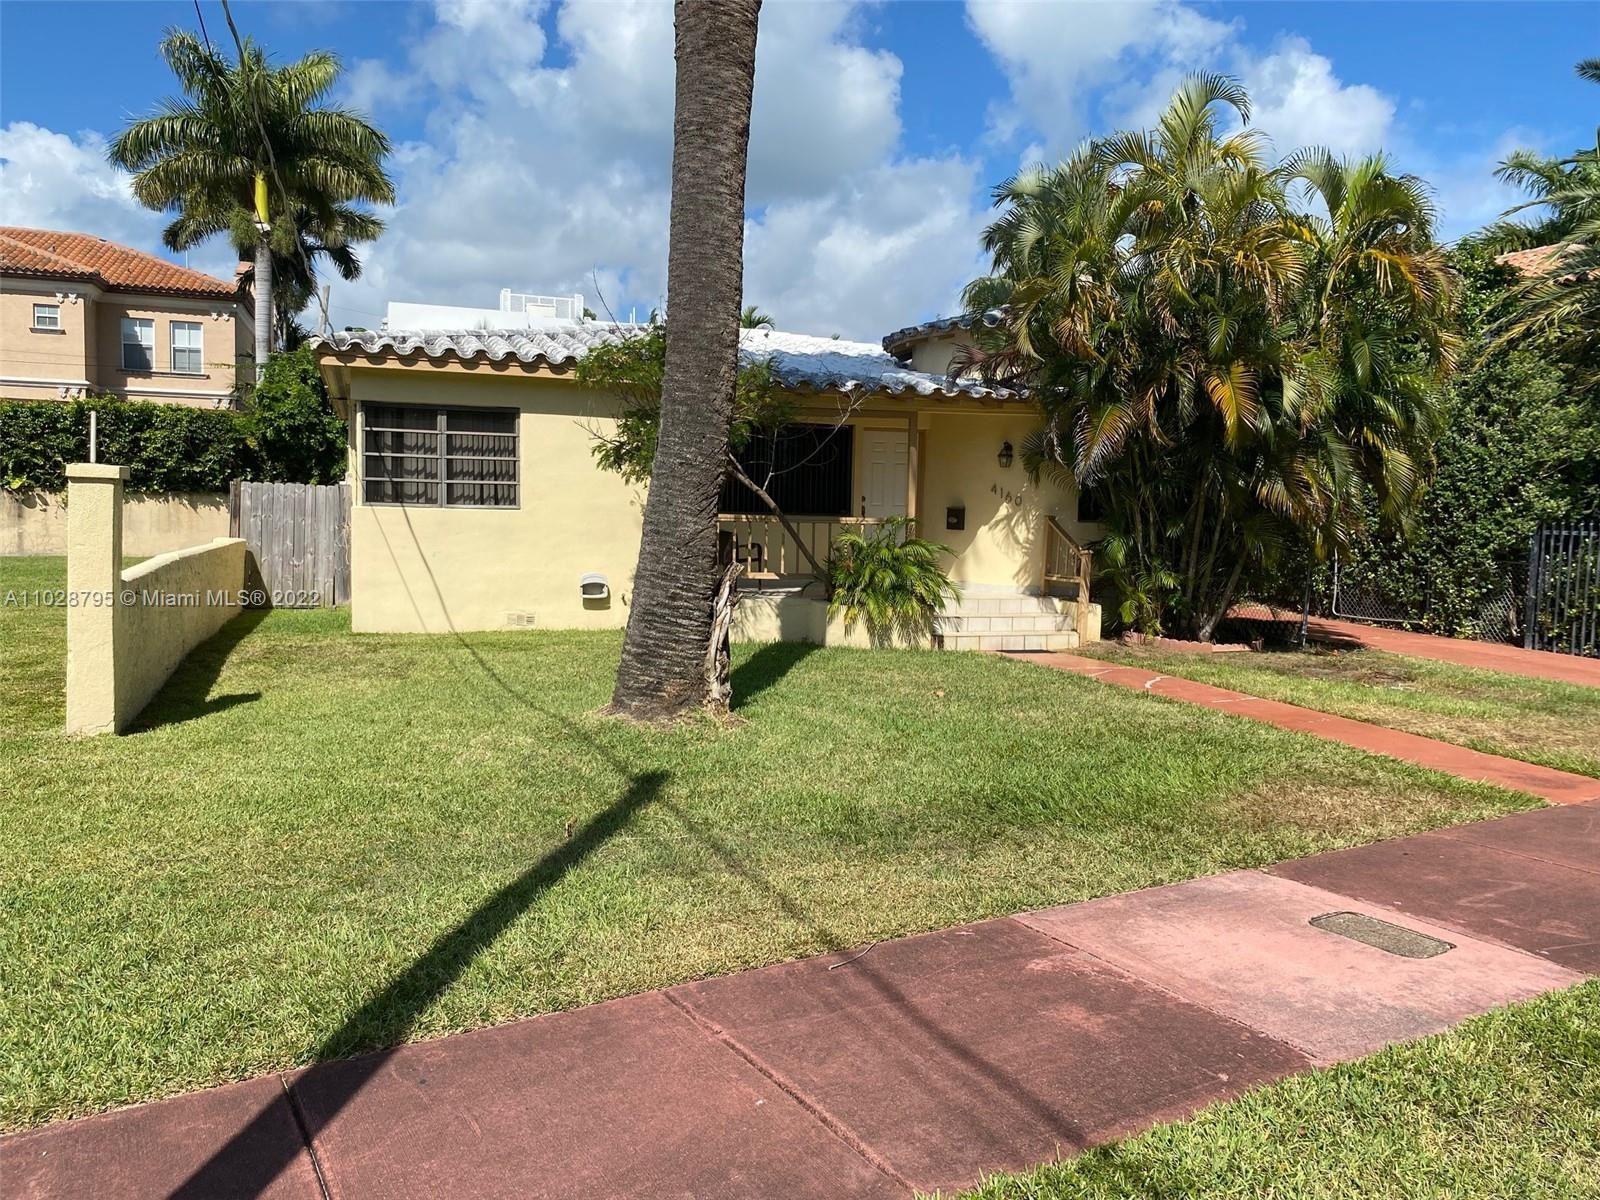 4160 ALTON RD, Miami Beach, FL 33140 - #: A11028795